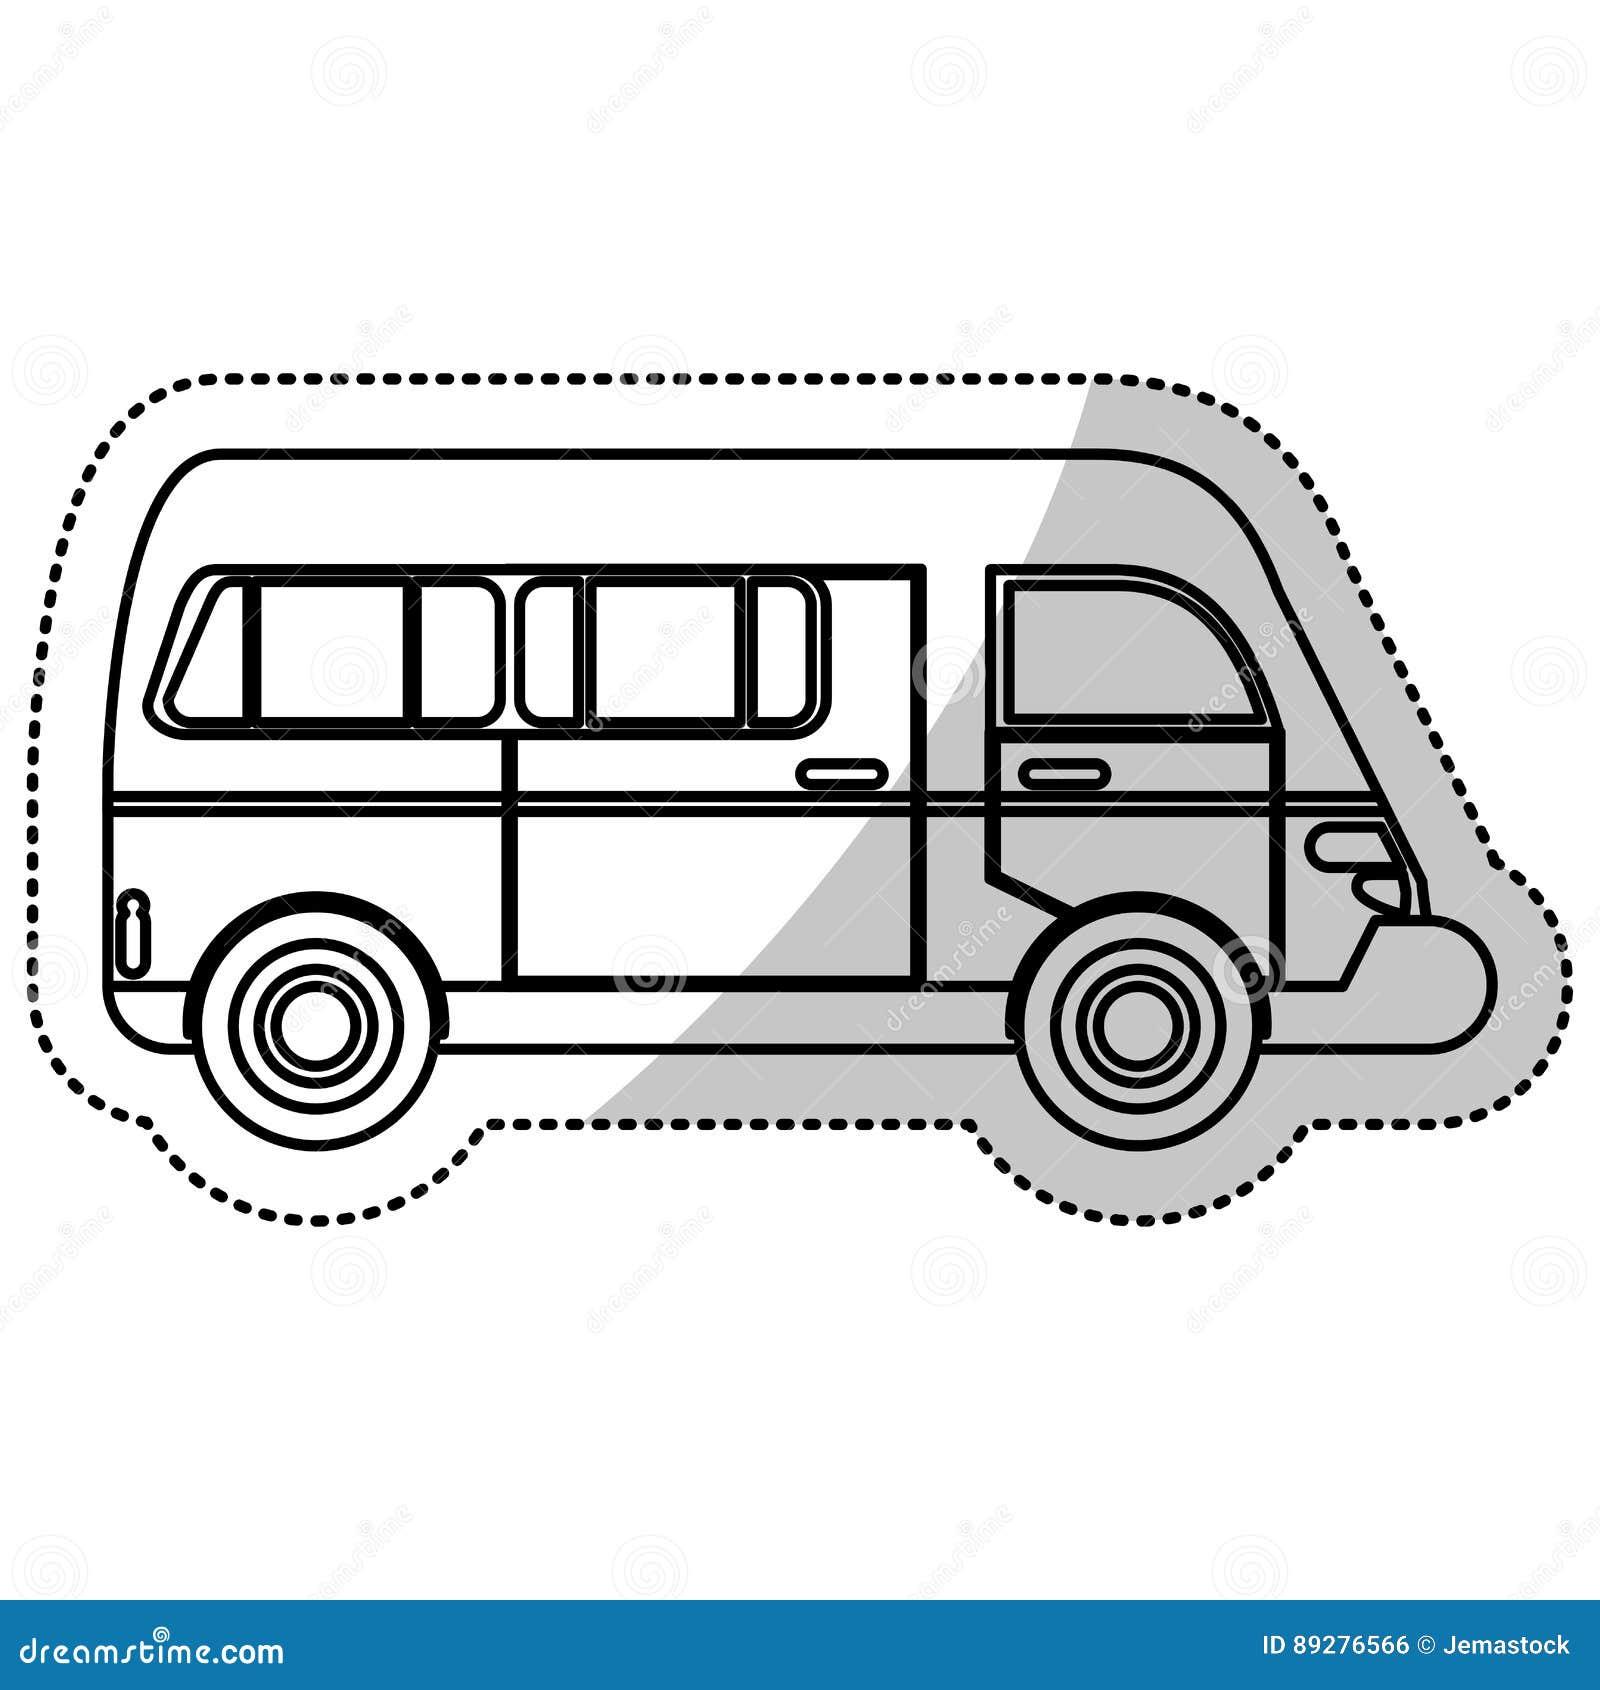 Samochodu dostawczego przewiezionego pojazdu miastowy kontur